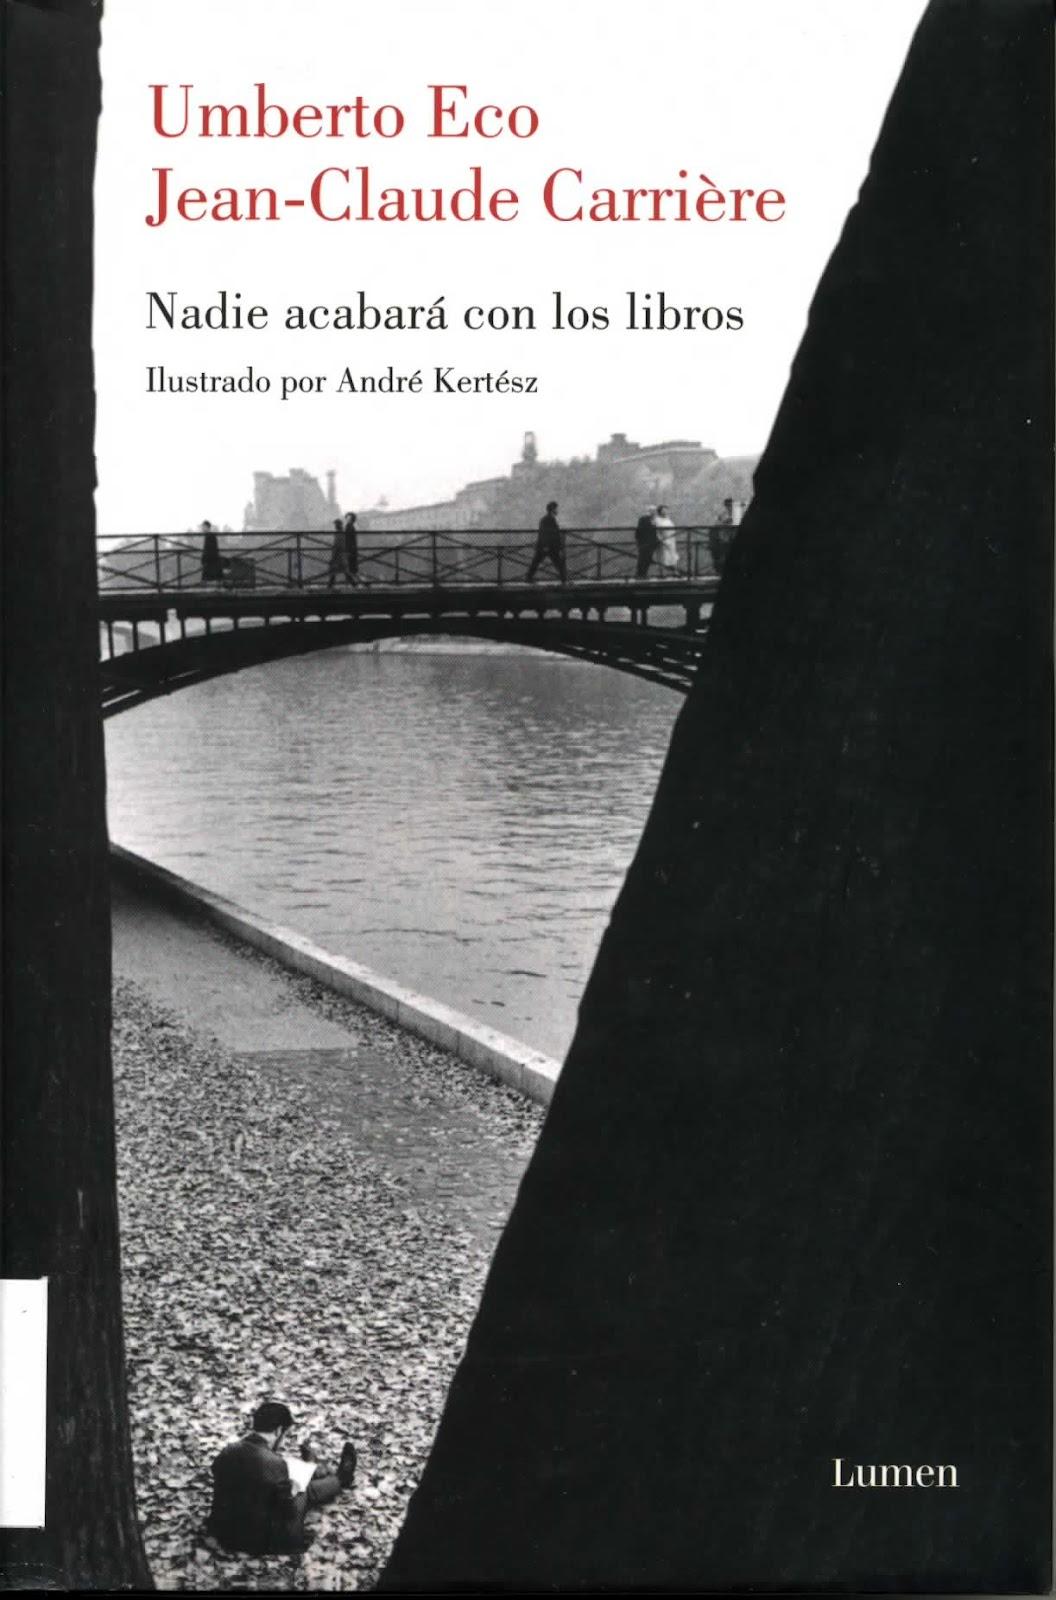 Nadie acabará con los libros, Umberto Eco y Jean Claude Carriere (2)